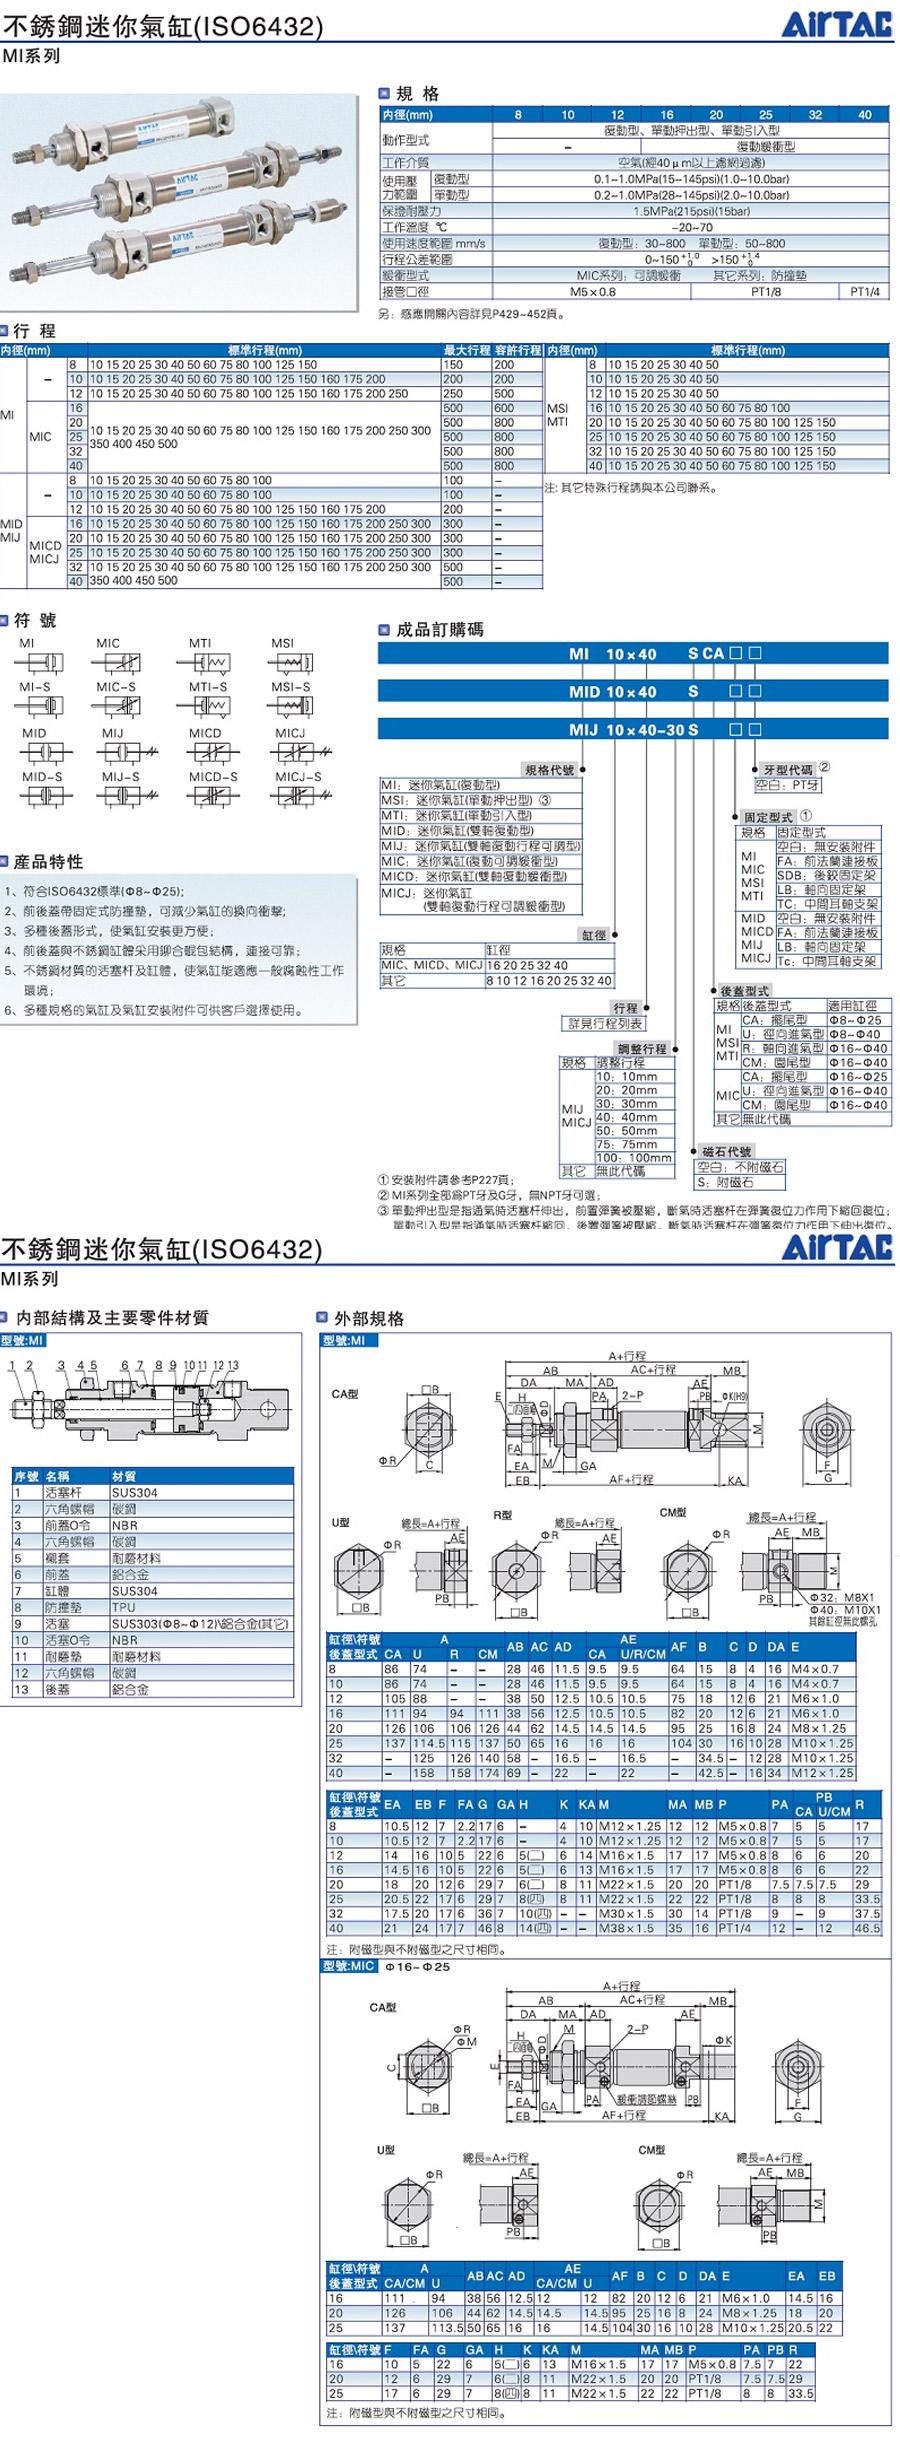 亚德客迷你气缸MI12X75SU参数说明